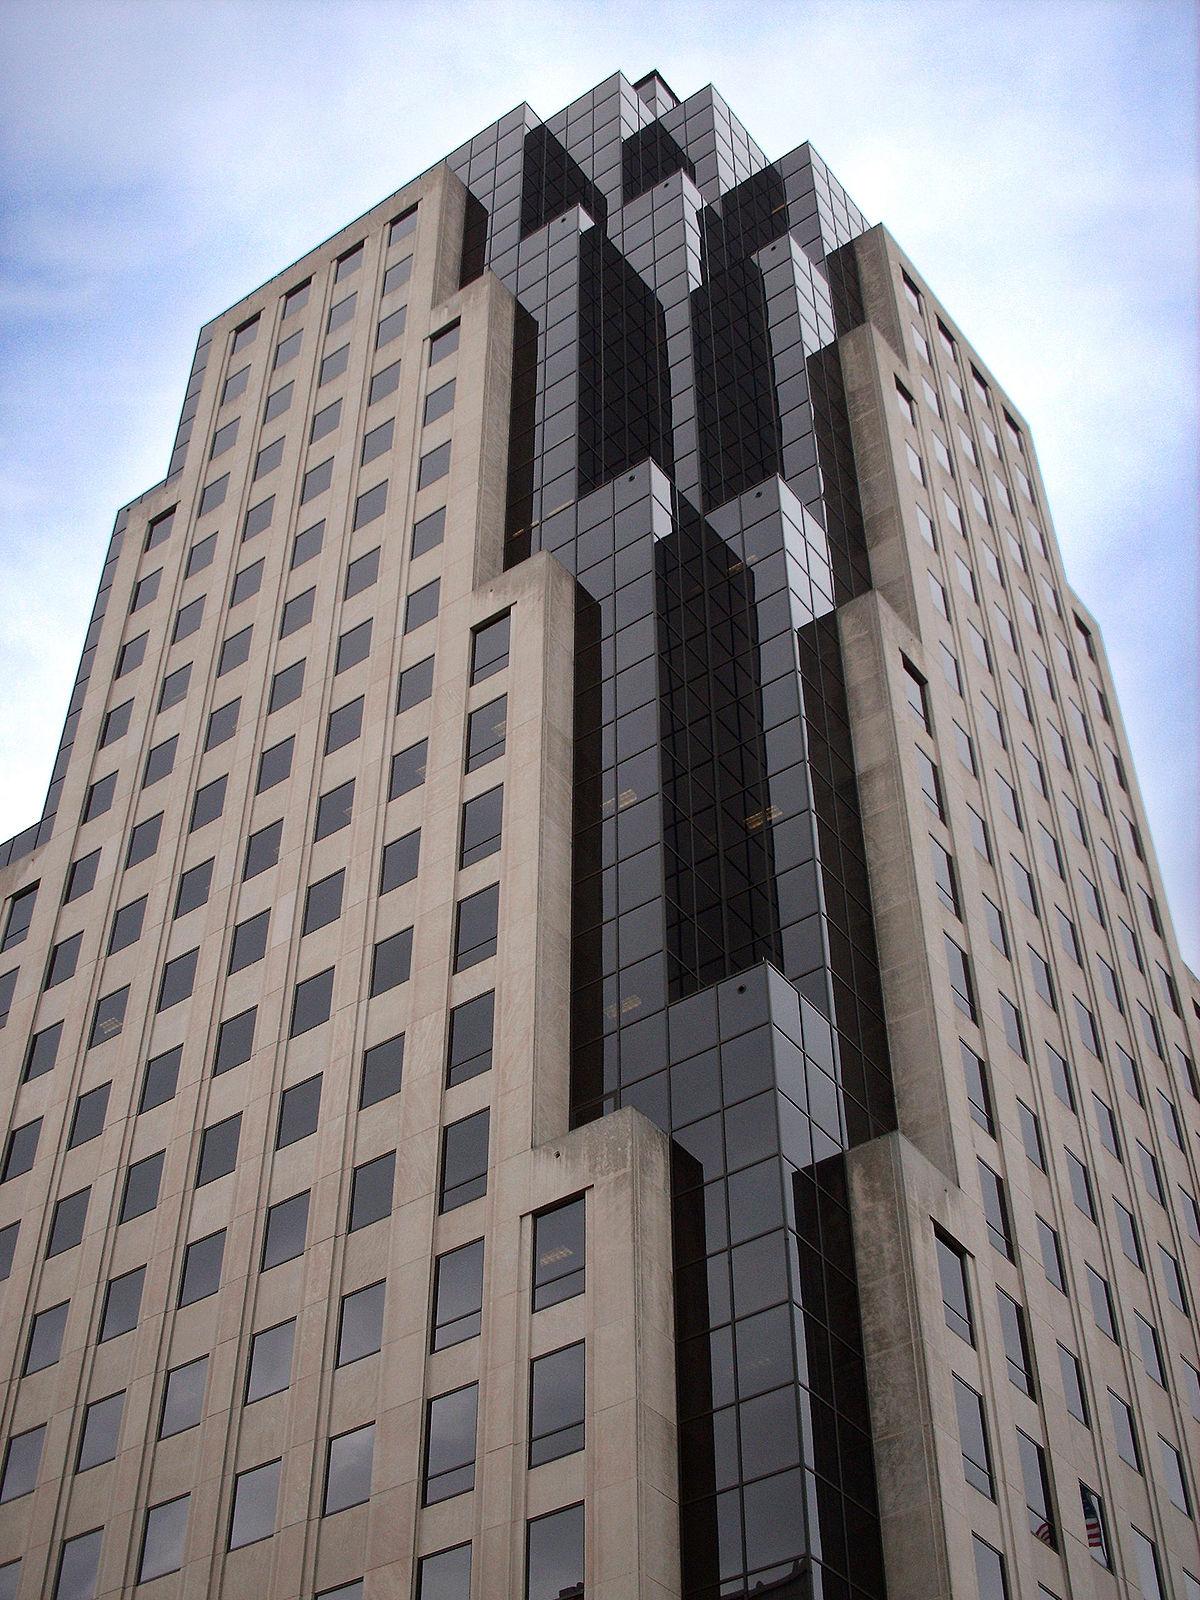 Regions Tower Wikidata